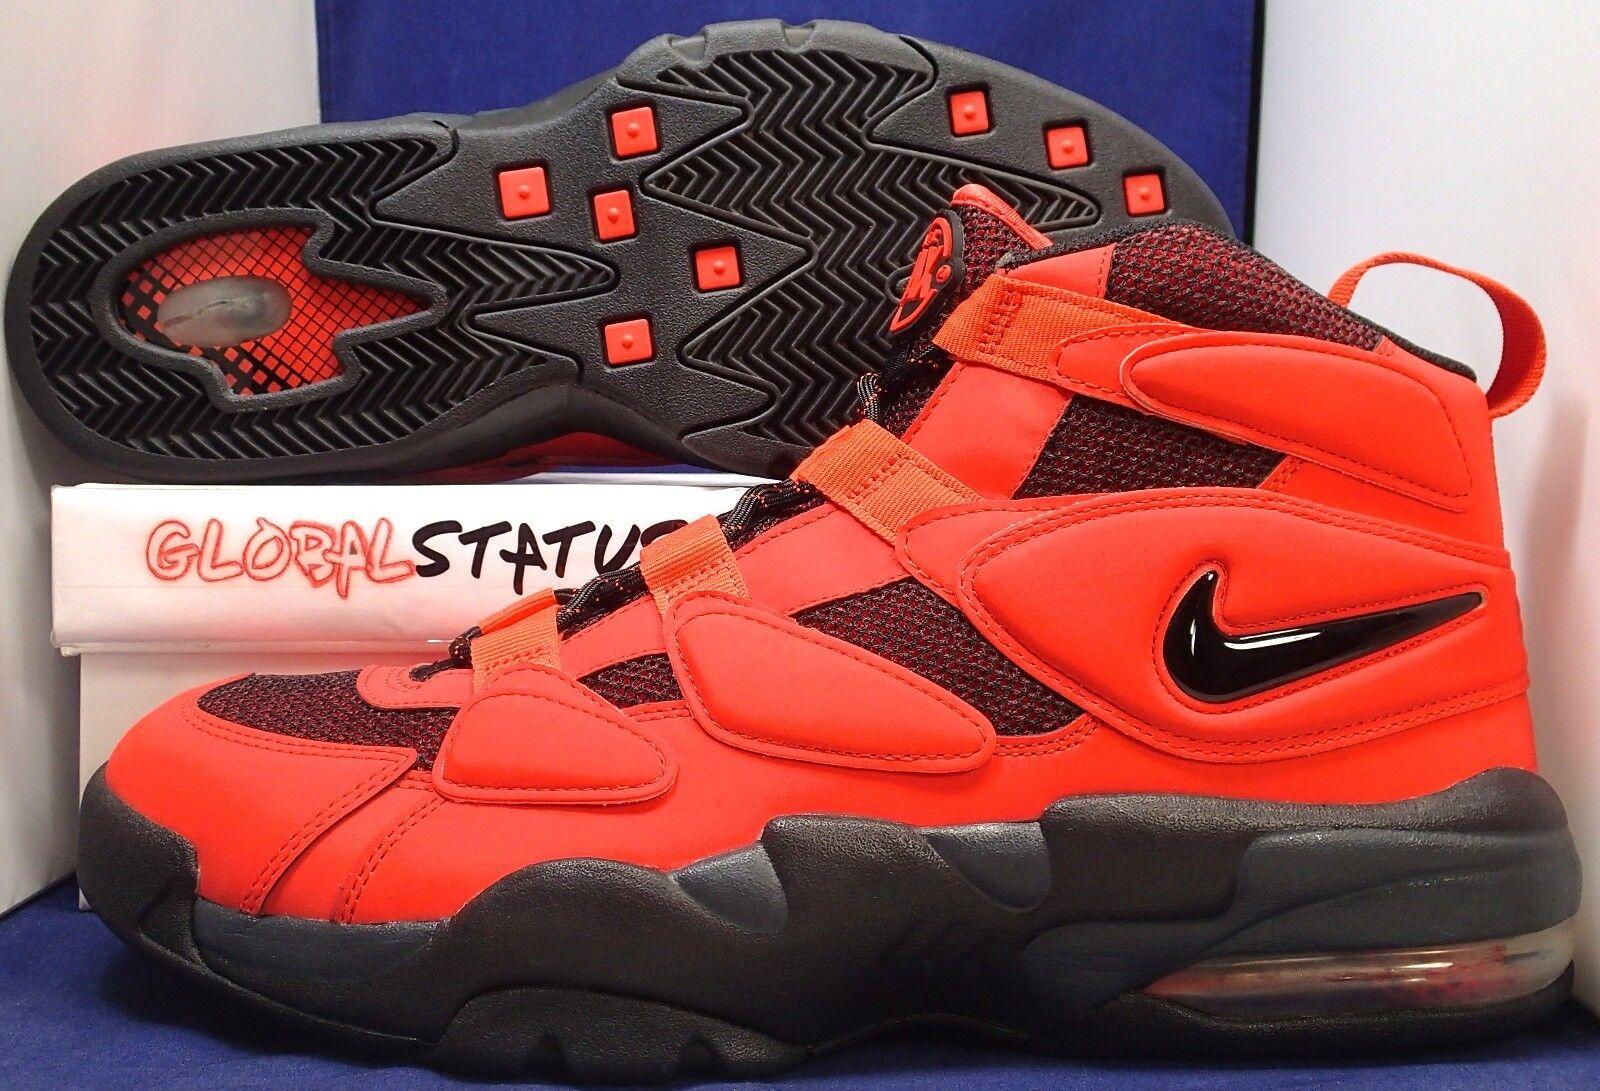 2011 - nike air max ritmo 2 - oh max orange retrò piu 'scarpe 502962 800 il numero 15